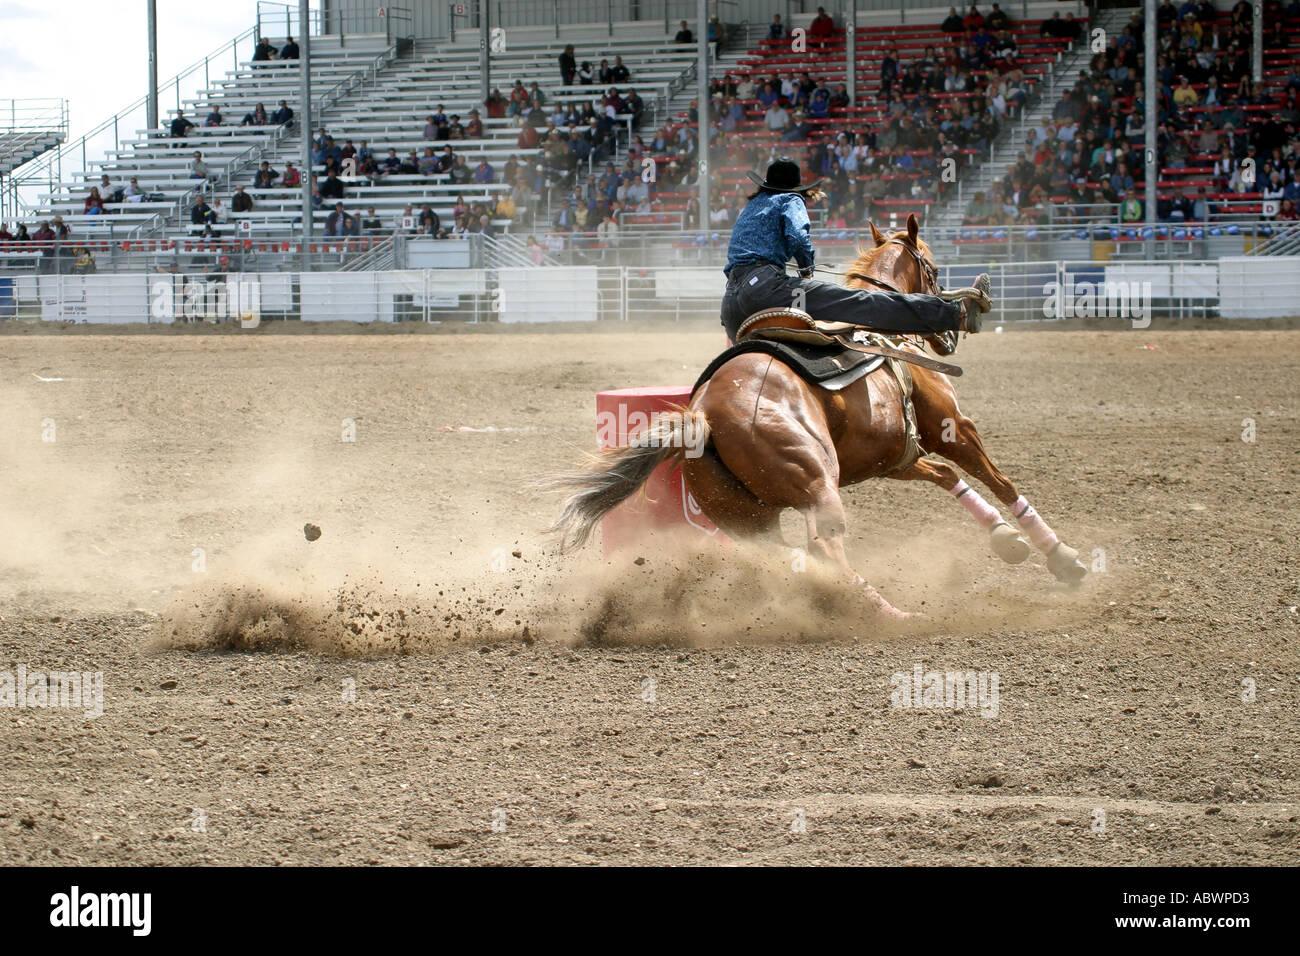 Rodeo Calgary Stampede Alberta Canada Barrel Racing Horse